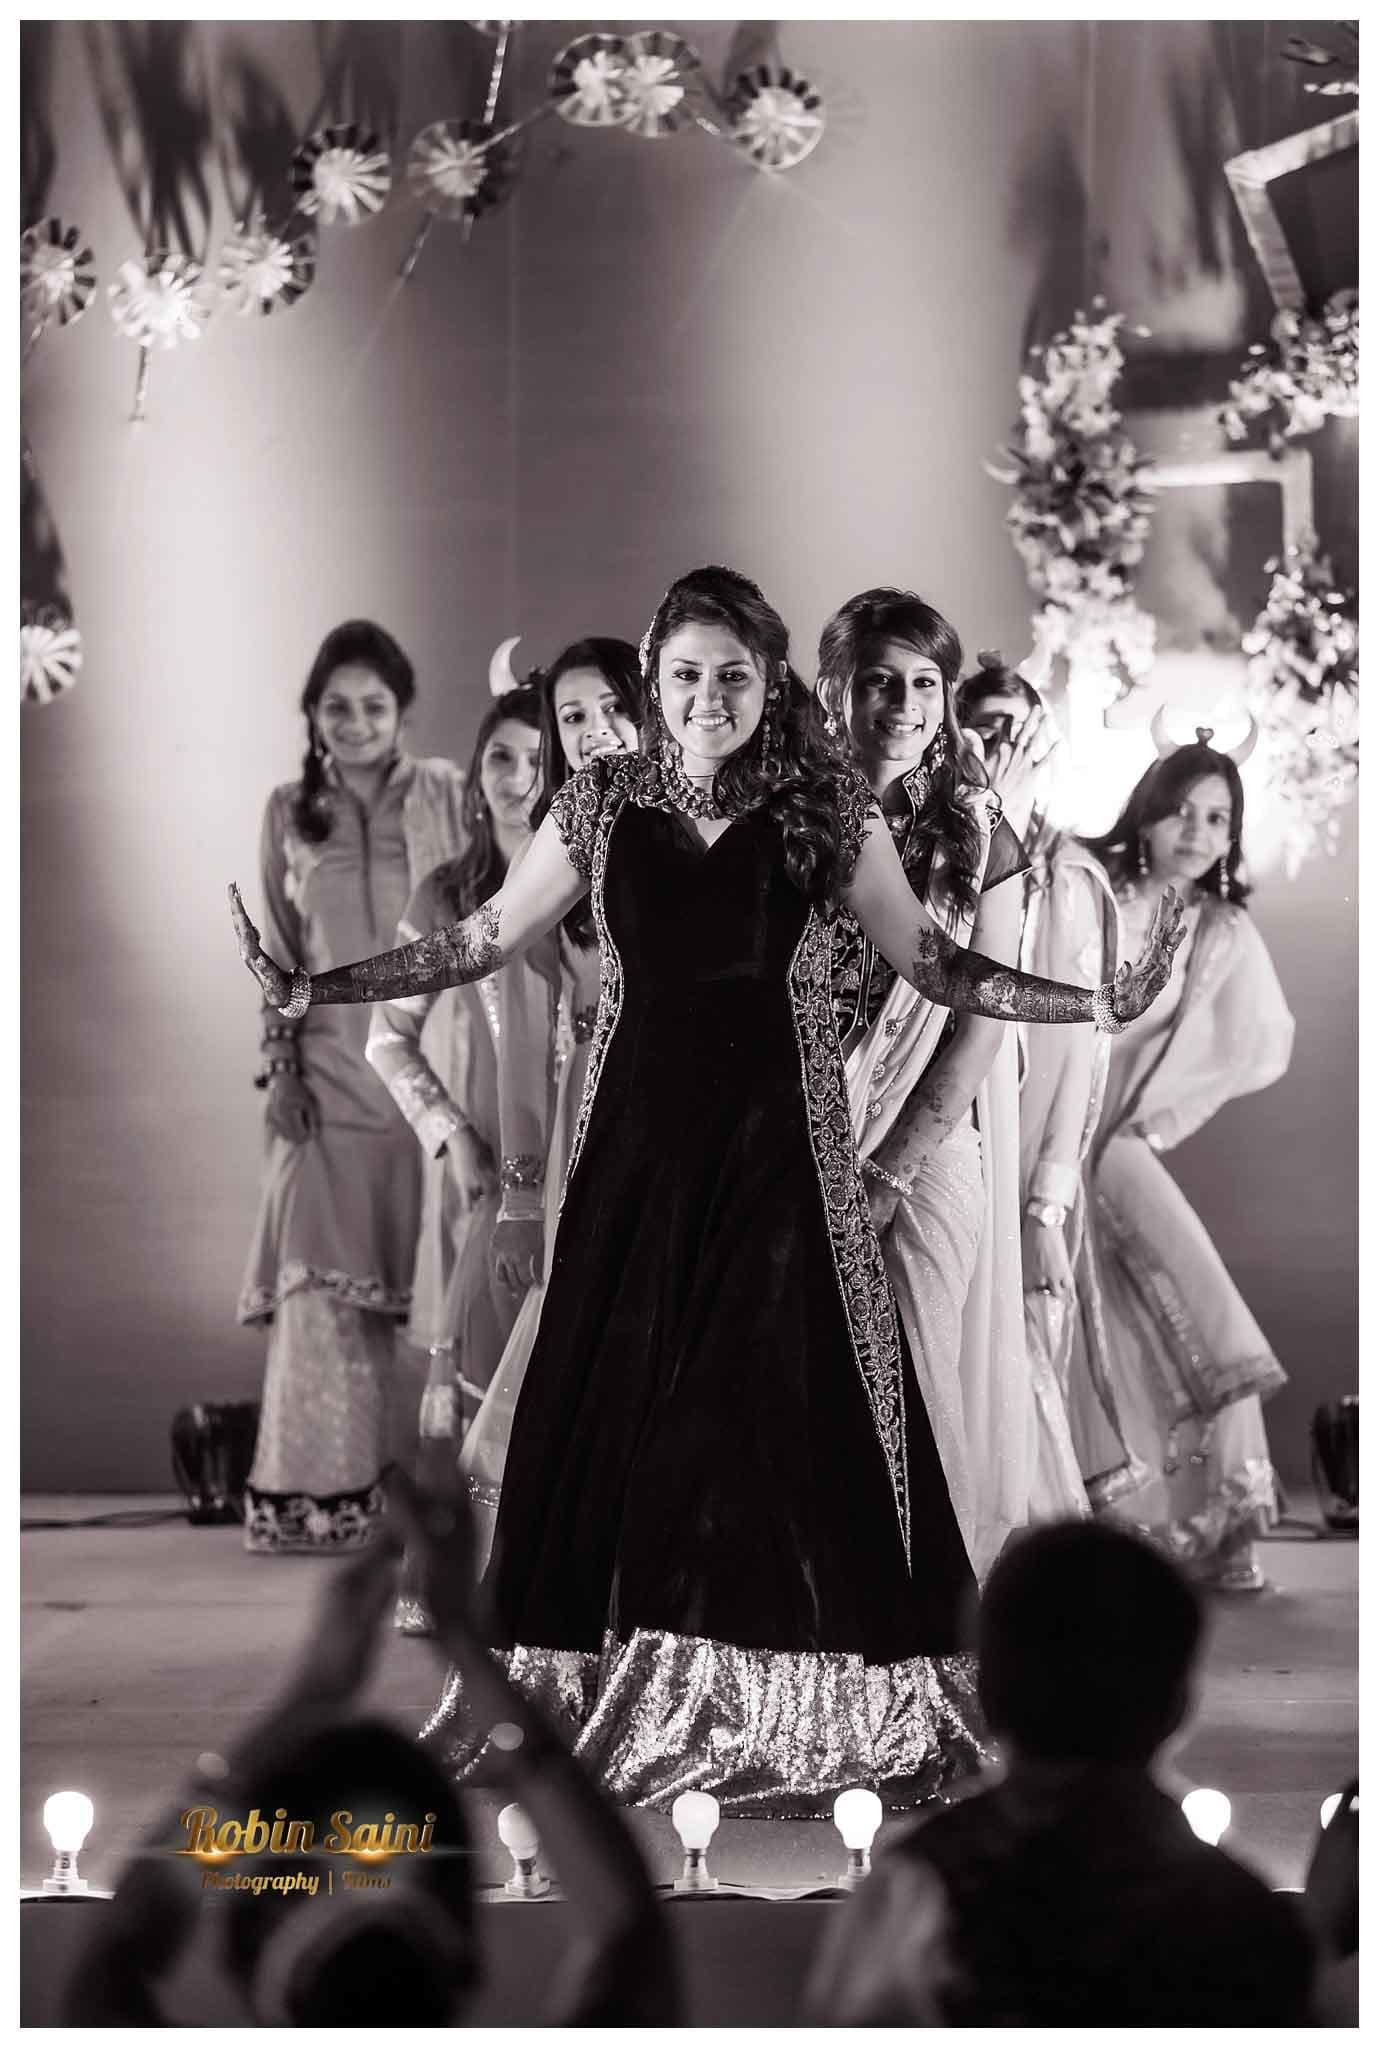 sangeet dance:robin saini photography